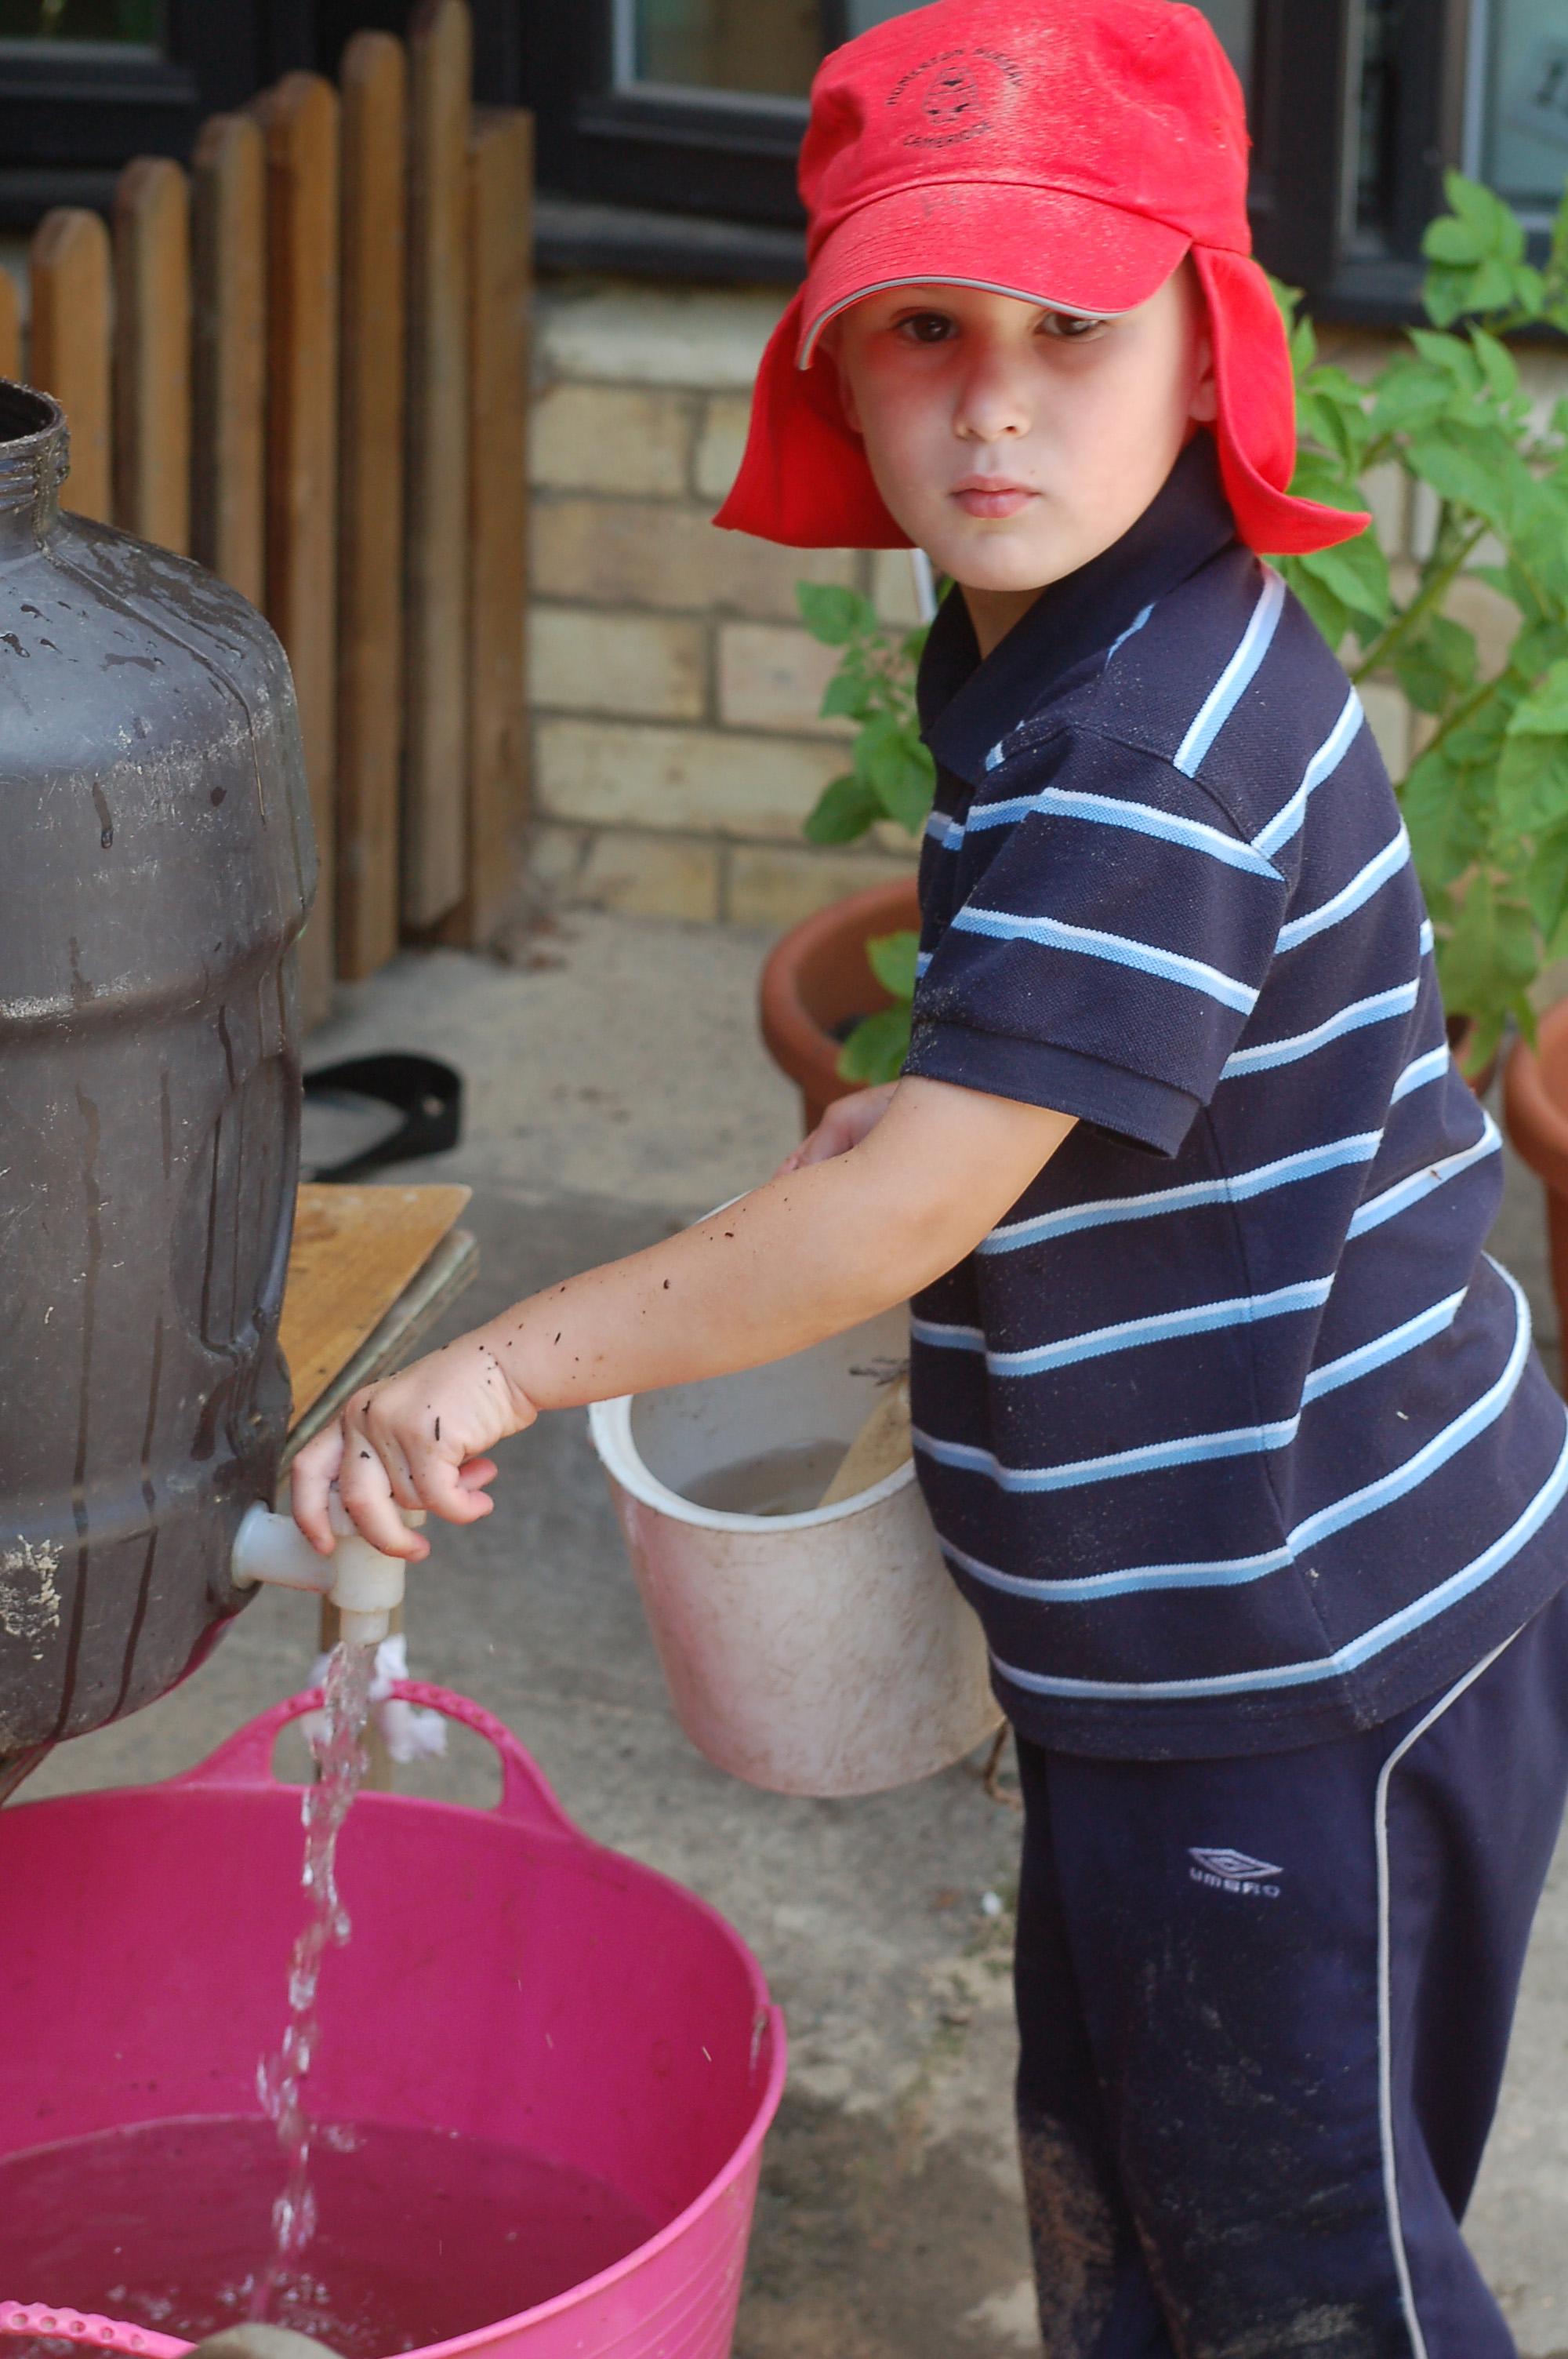 Filling water buckets